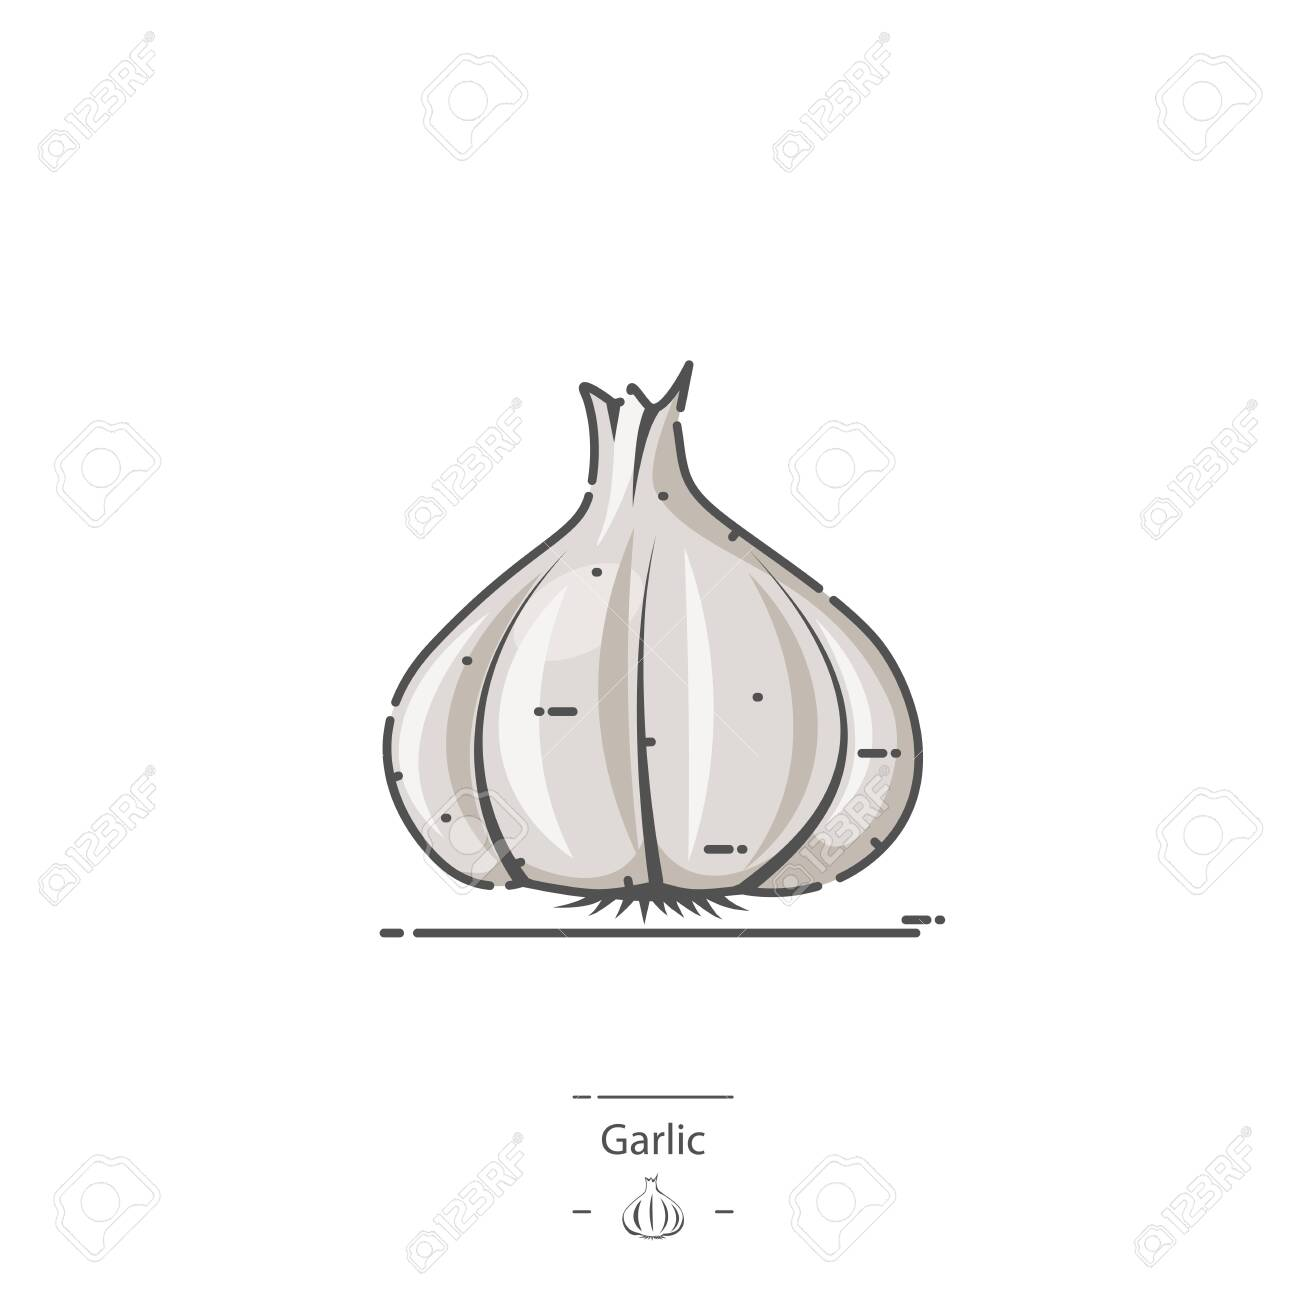 Garlic - Line color icon - 126180339